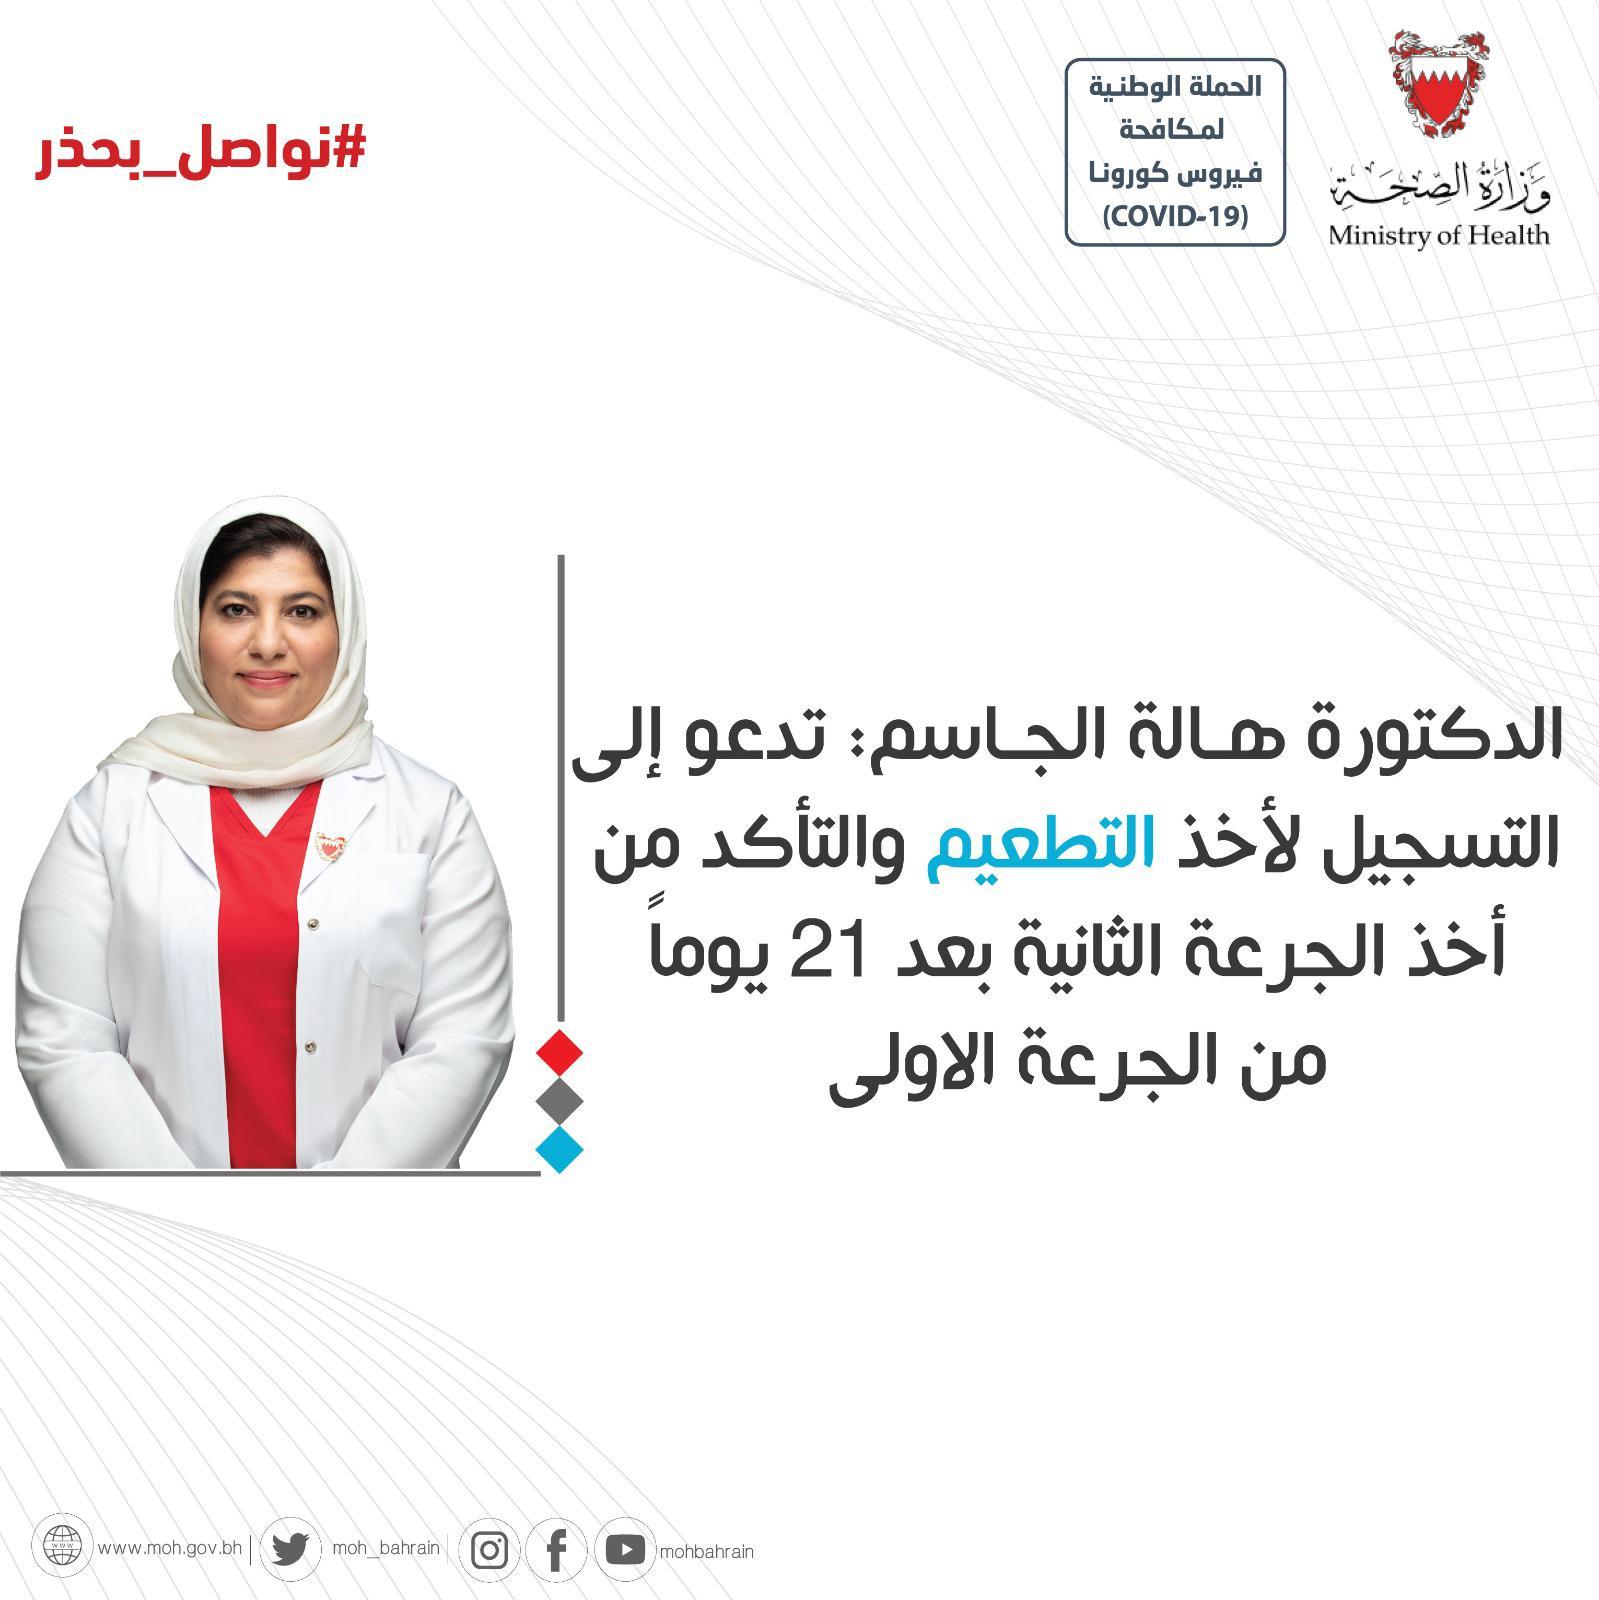 الدكتورة الجاسم تدعو إلى التسجيل لأخذ التطعيم والتأكد من أخذ الجرعة الثانية بعد 21 يوم من الجرعة الأولى